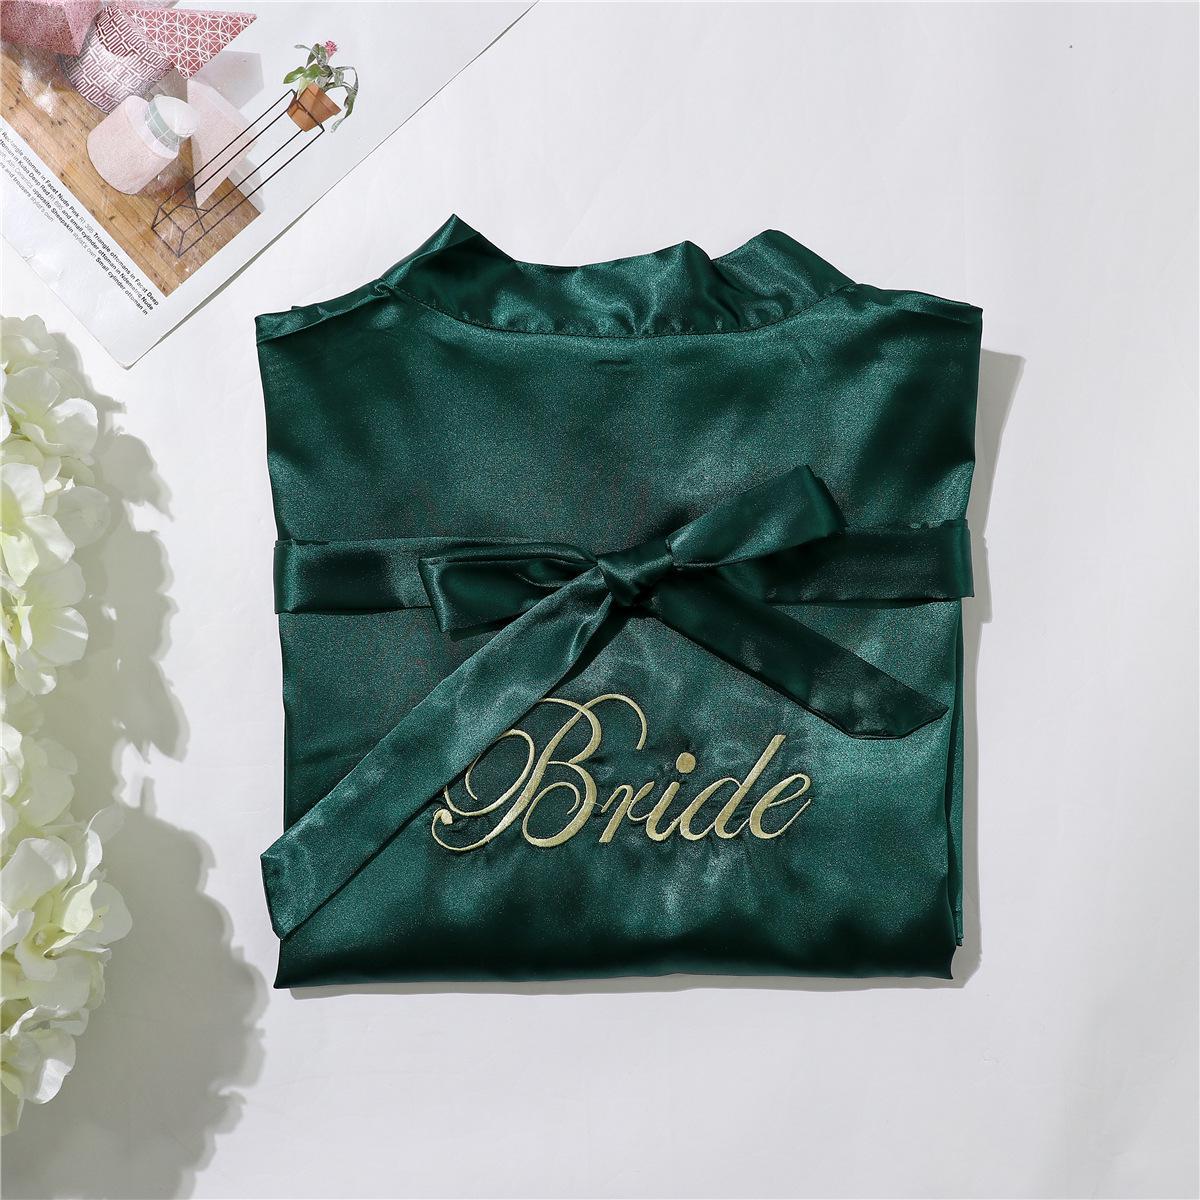 Bride - green